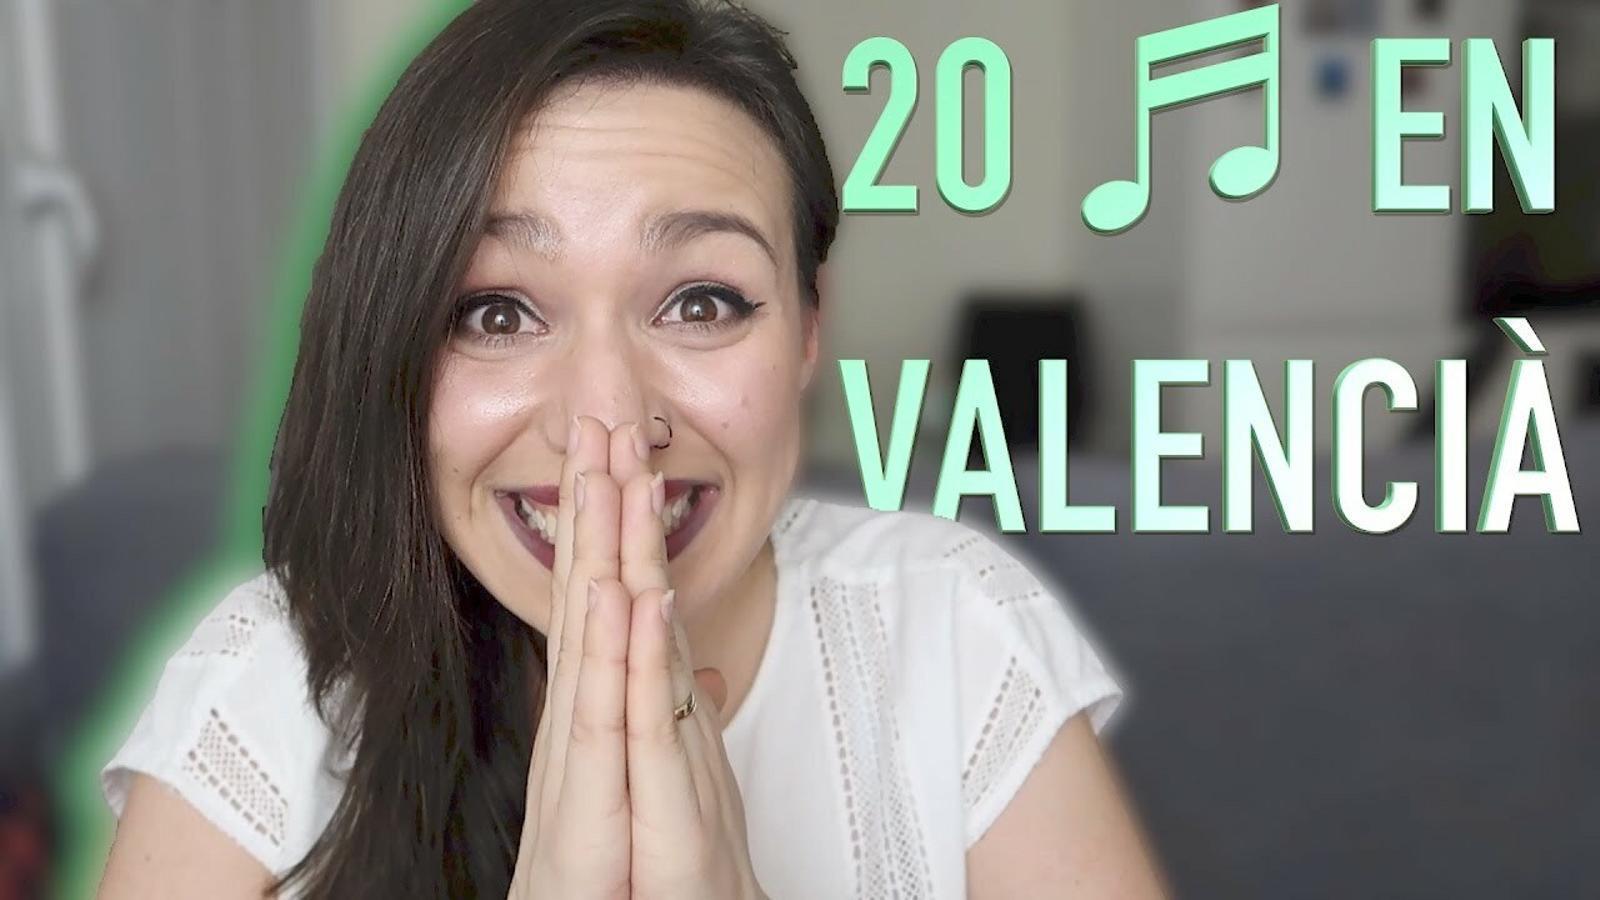 20 cançons en valencià de Miss Tagless